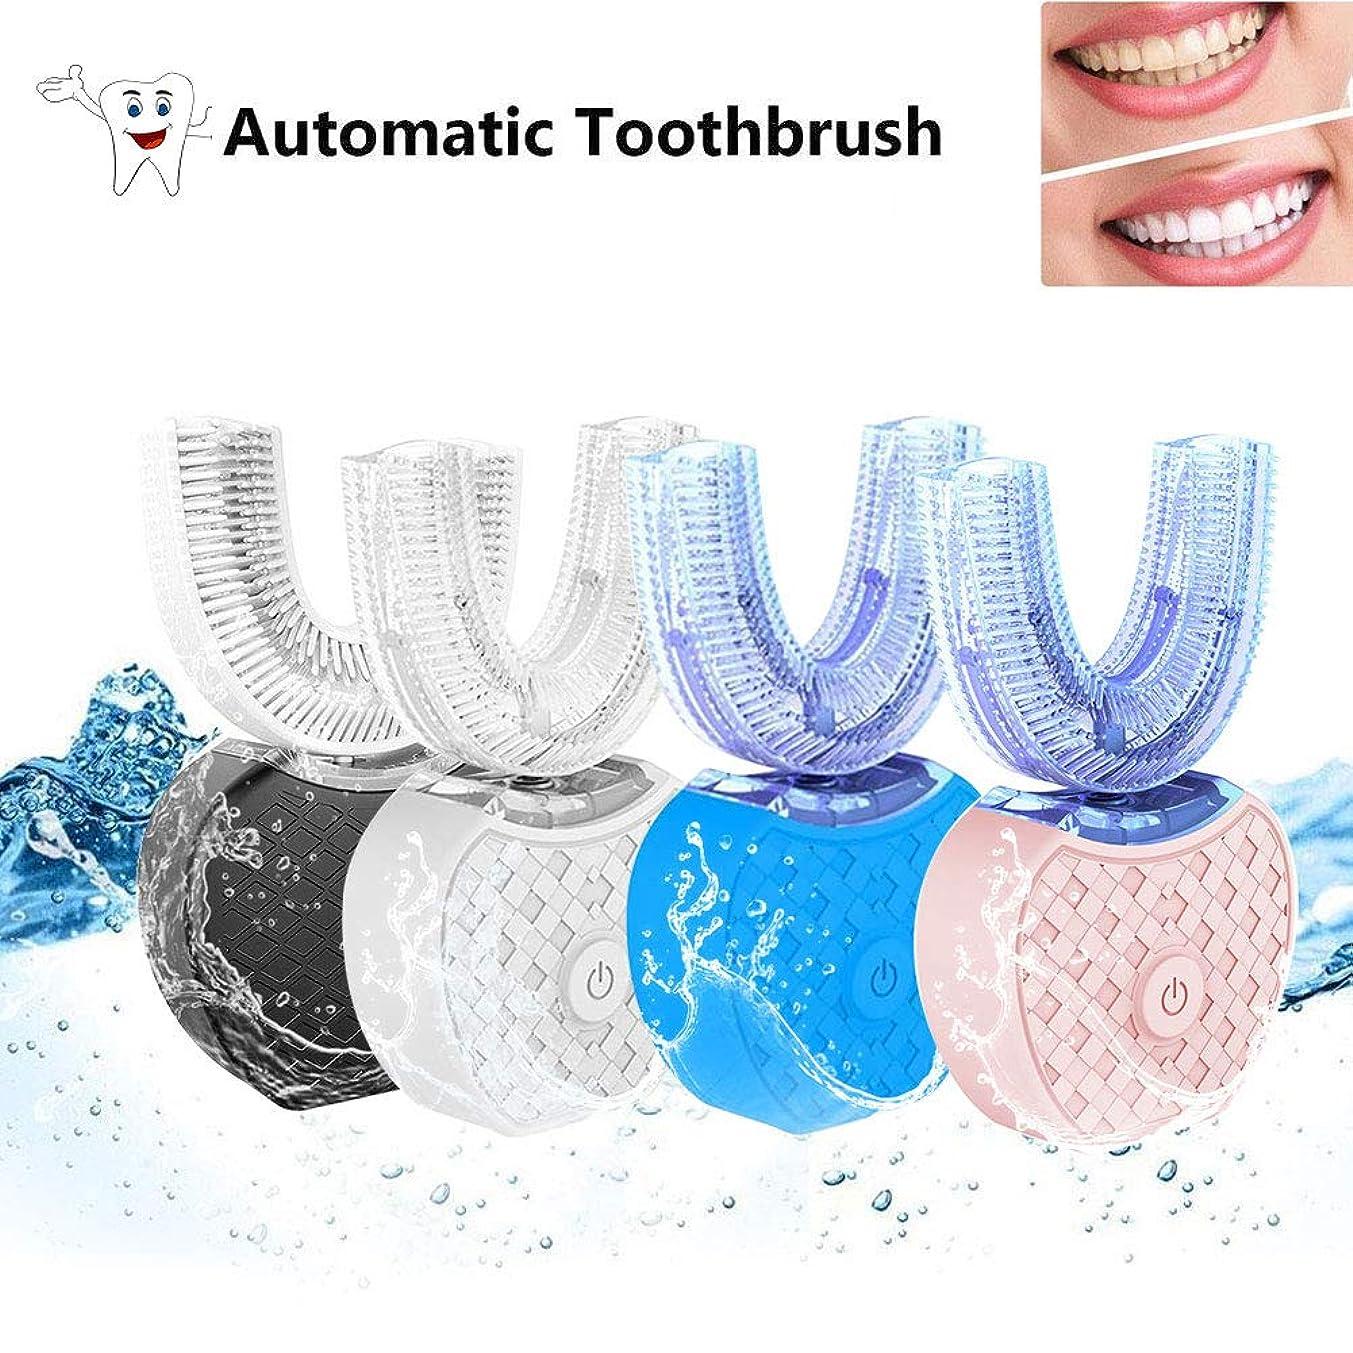 失う難民イノセンスFrifer新しい電動歯ブラシ、V-white 超音波自動歯ブラシ360°包囲清掃歯、より深い清掃(ピンク)